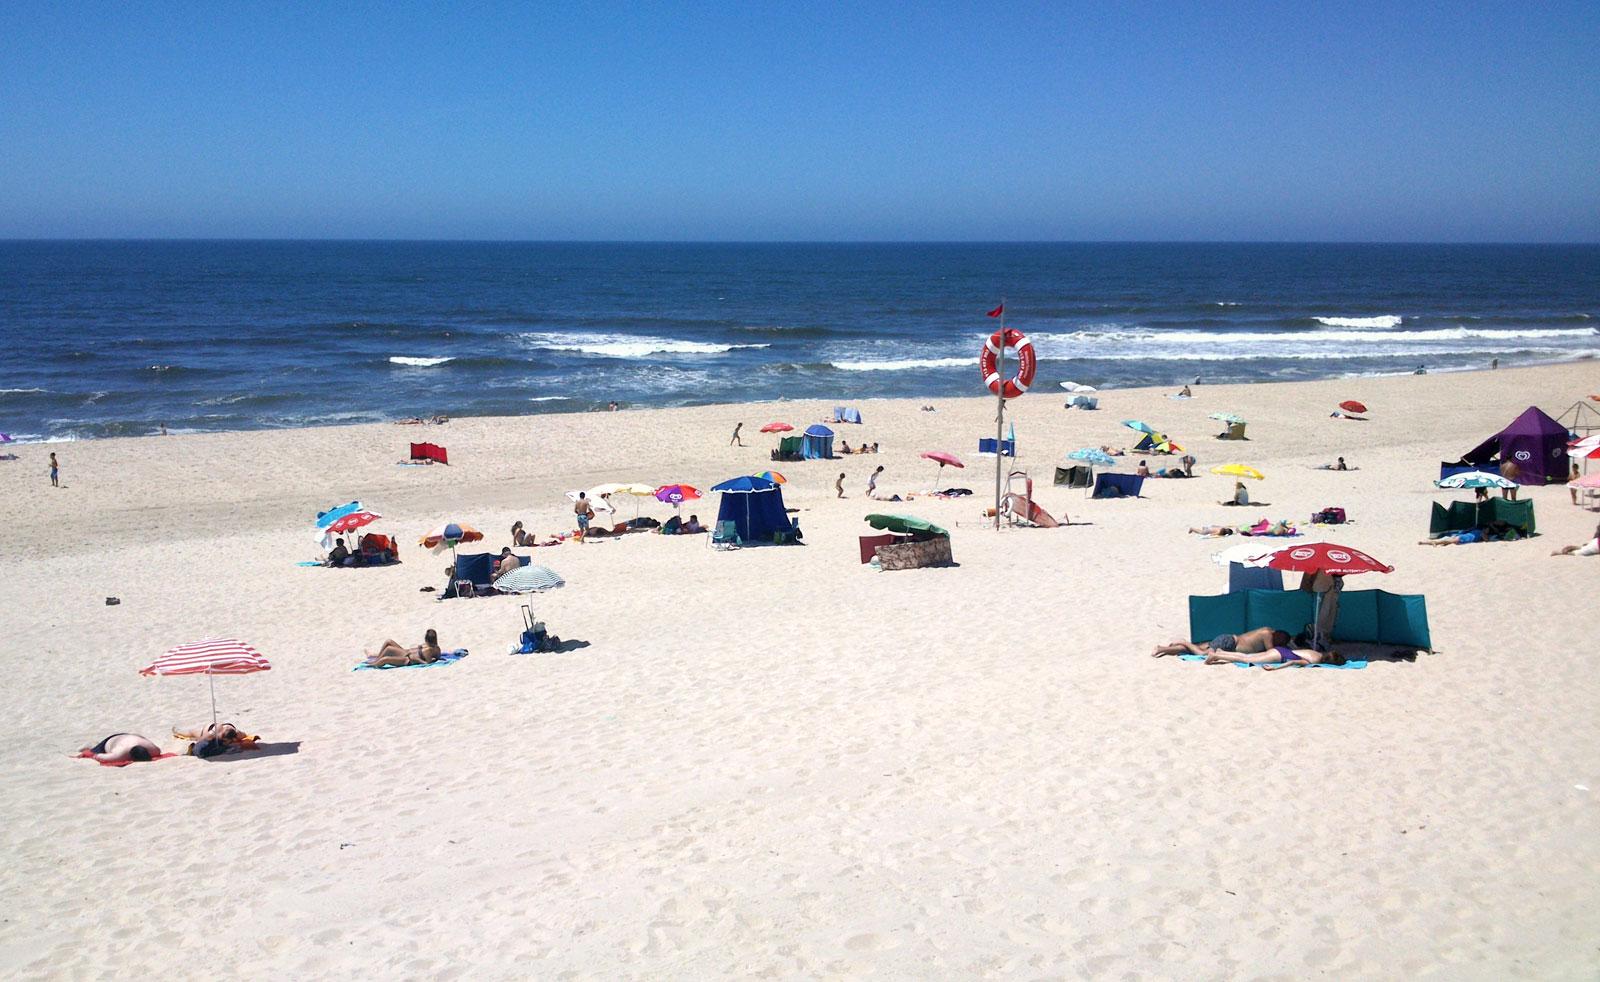 praia-mira-beach.jpg